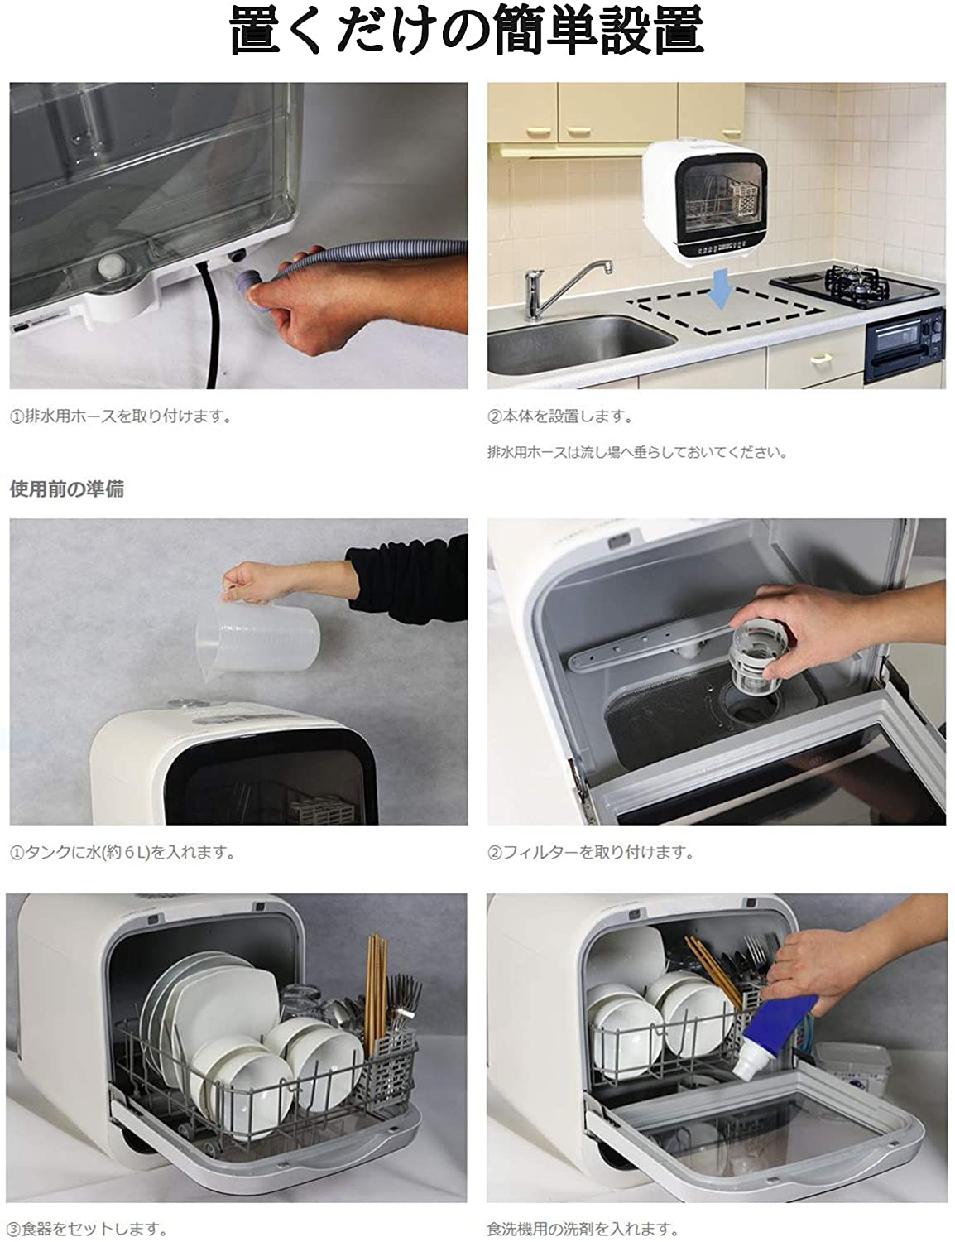 TDP(ティーディーピー) 食器洗い乾燥機 g004(ホワイト)の商品画像5